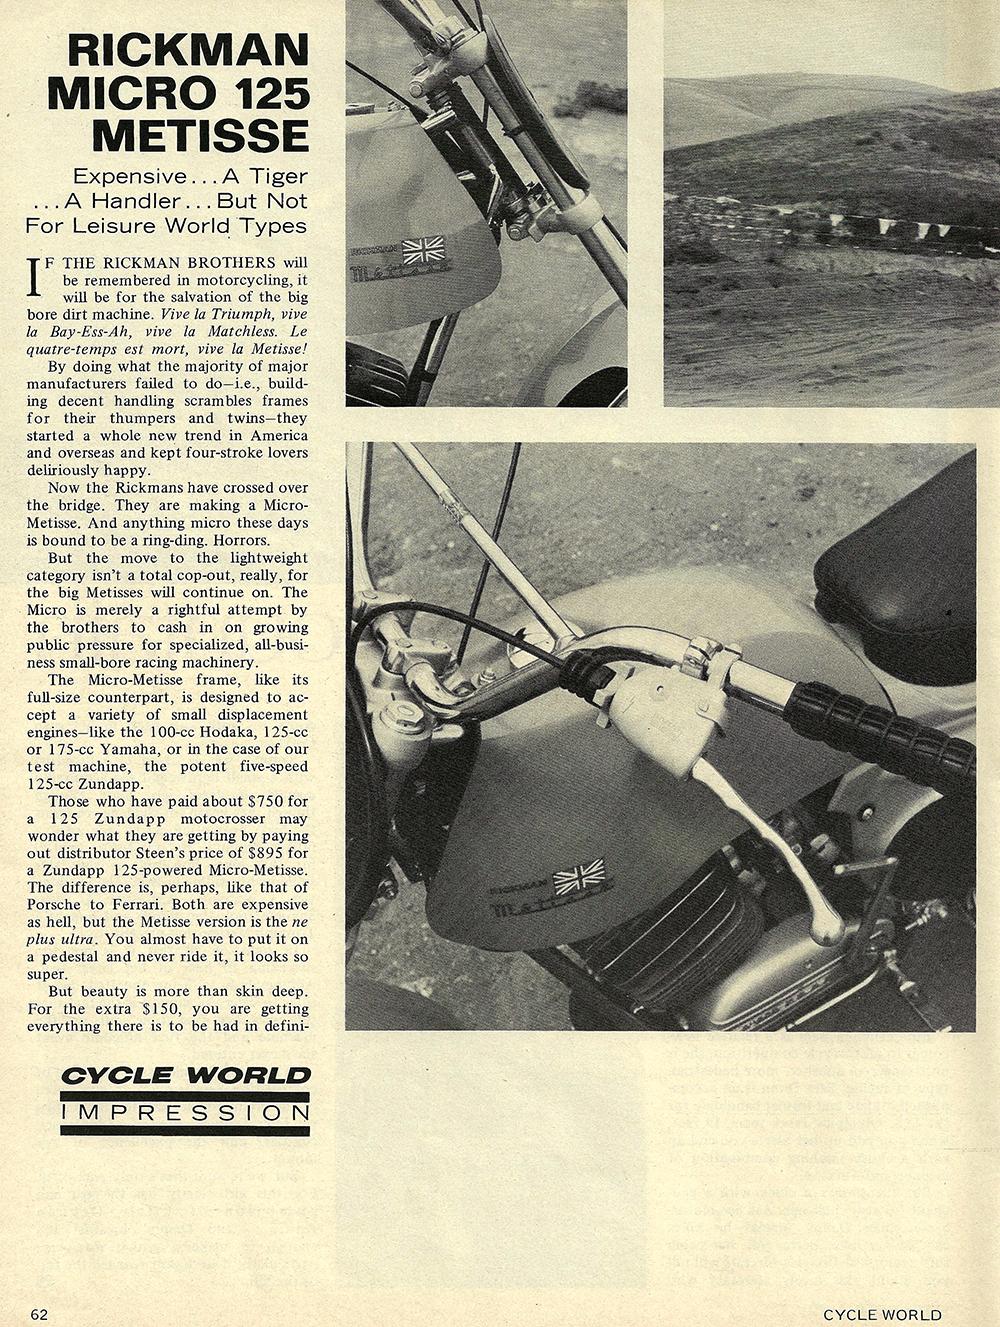 1970 Rickman Micro 125 Metisse road test 01.jpg